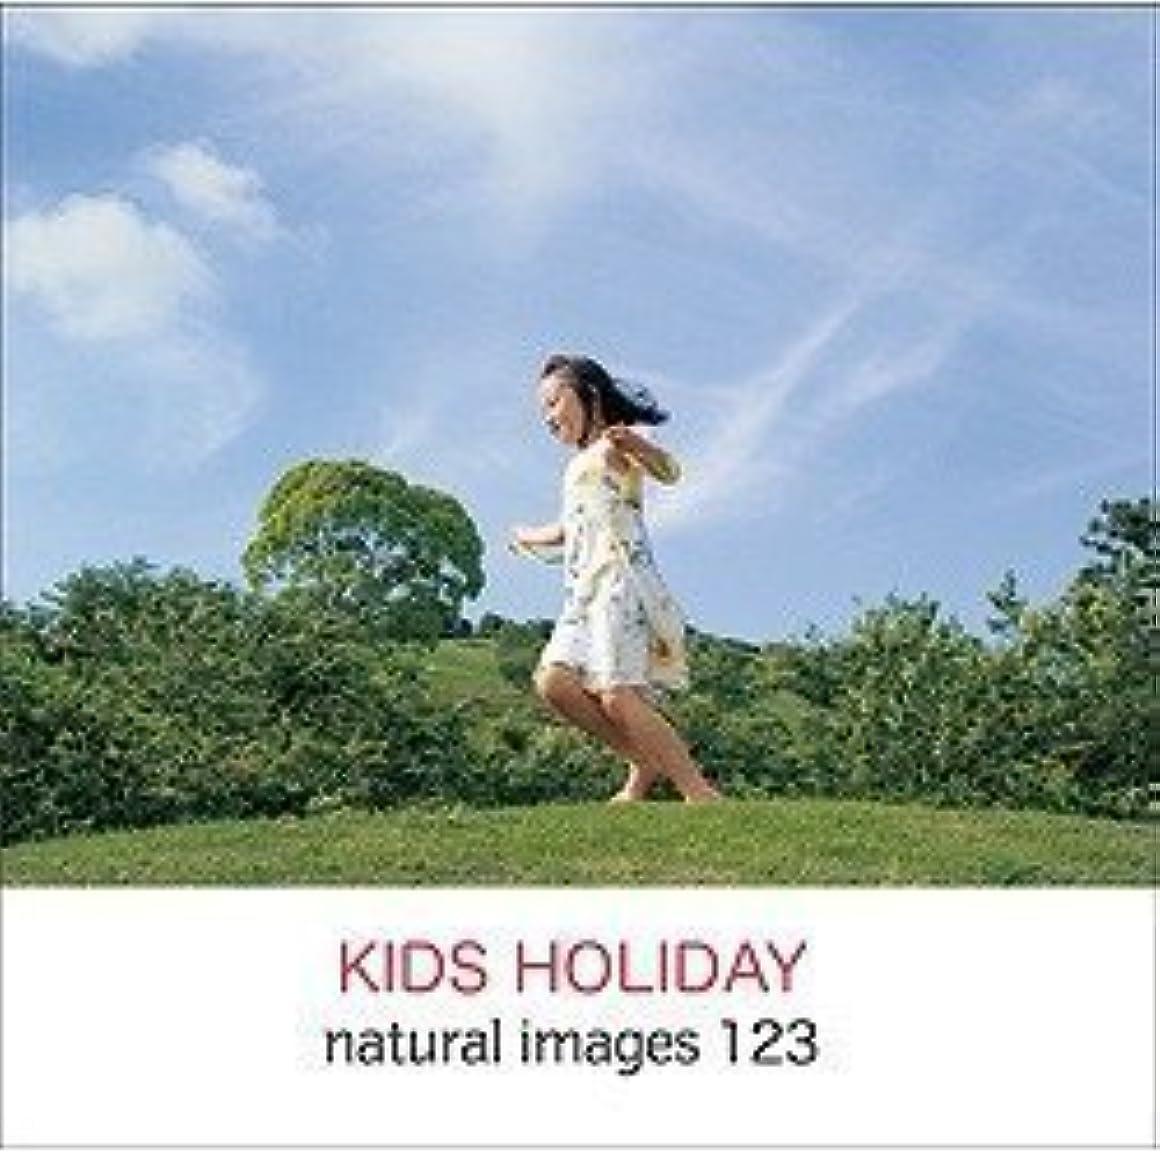 アクション爪散歩naturalimages Vol.123 KIDS HOLIDAY